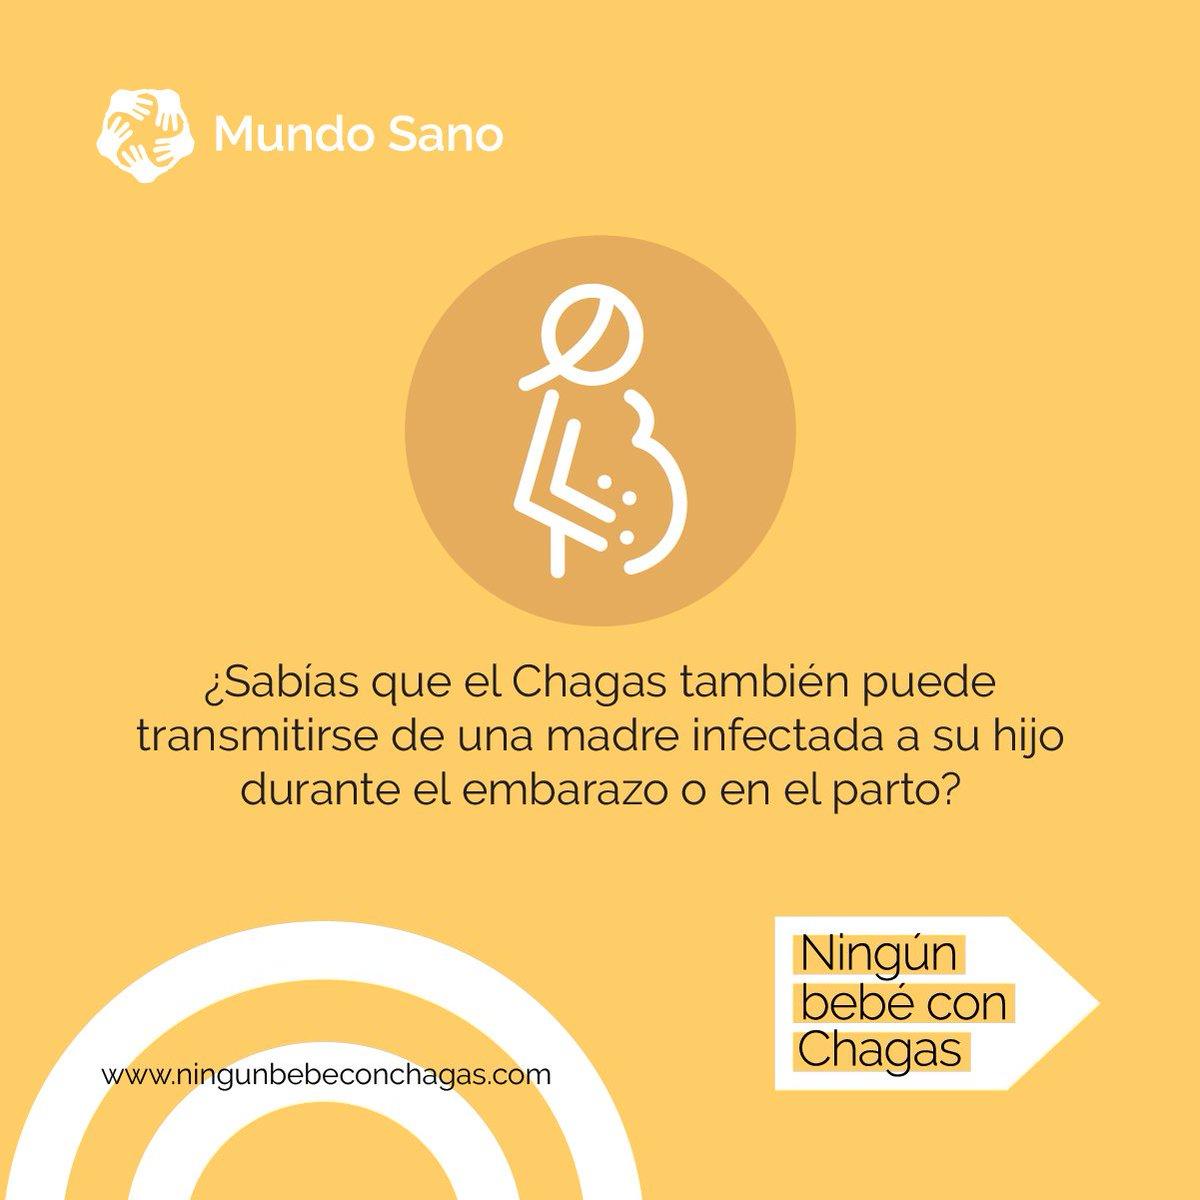 Cada hora nace un bebé con #Chagas en el mundo, juntos podemos hacer que sean cero. Adherí al compromiso y difundí 📲 #NingúnBebéConChagas  http://ningunbebeconchagas.com